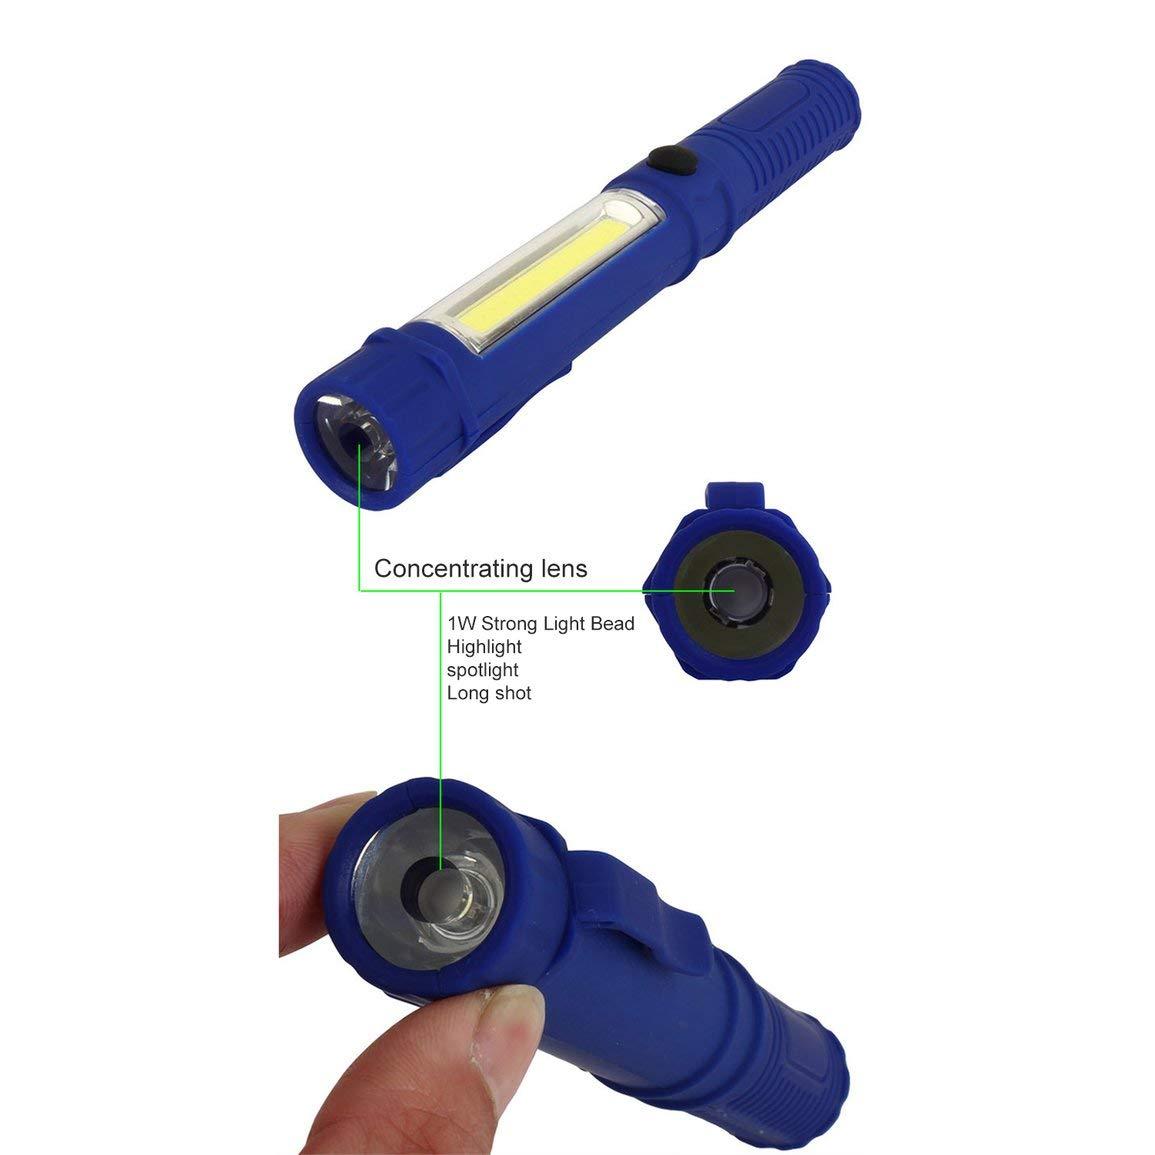 Antorcha de mano multifunci/ón de mano COB L/ámpara de luz LED Linterna de trabajo con im/án para reparaci/ón de emergencia en el hogar Color: azul